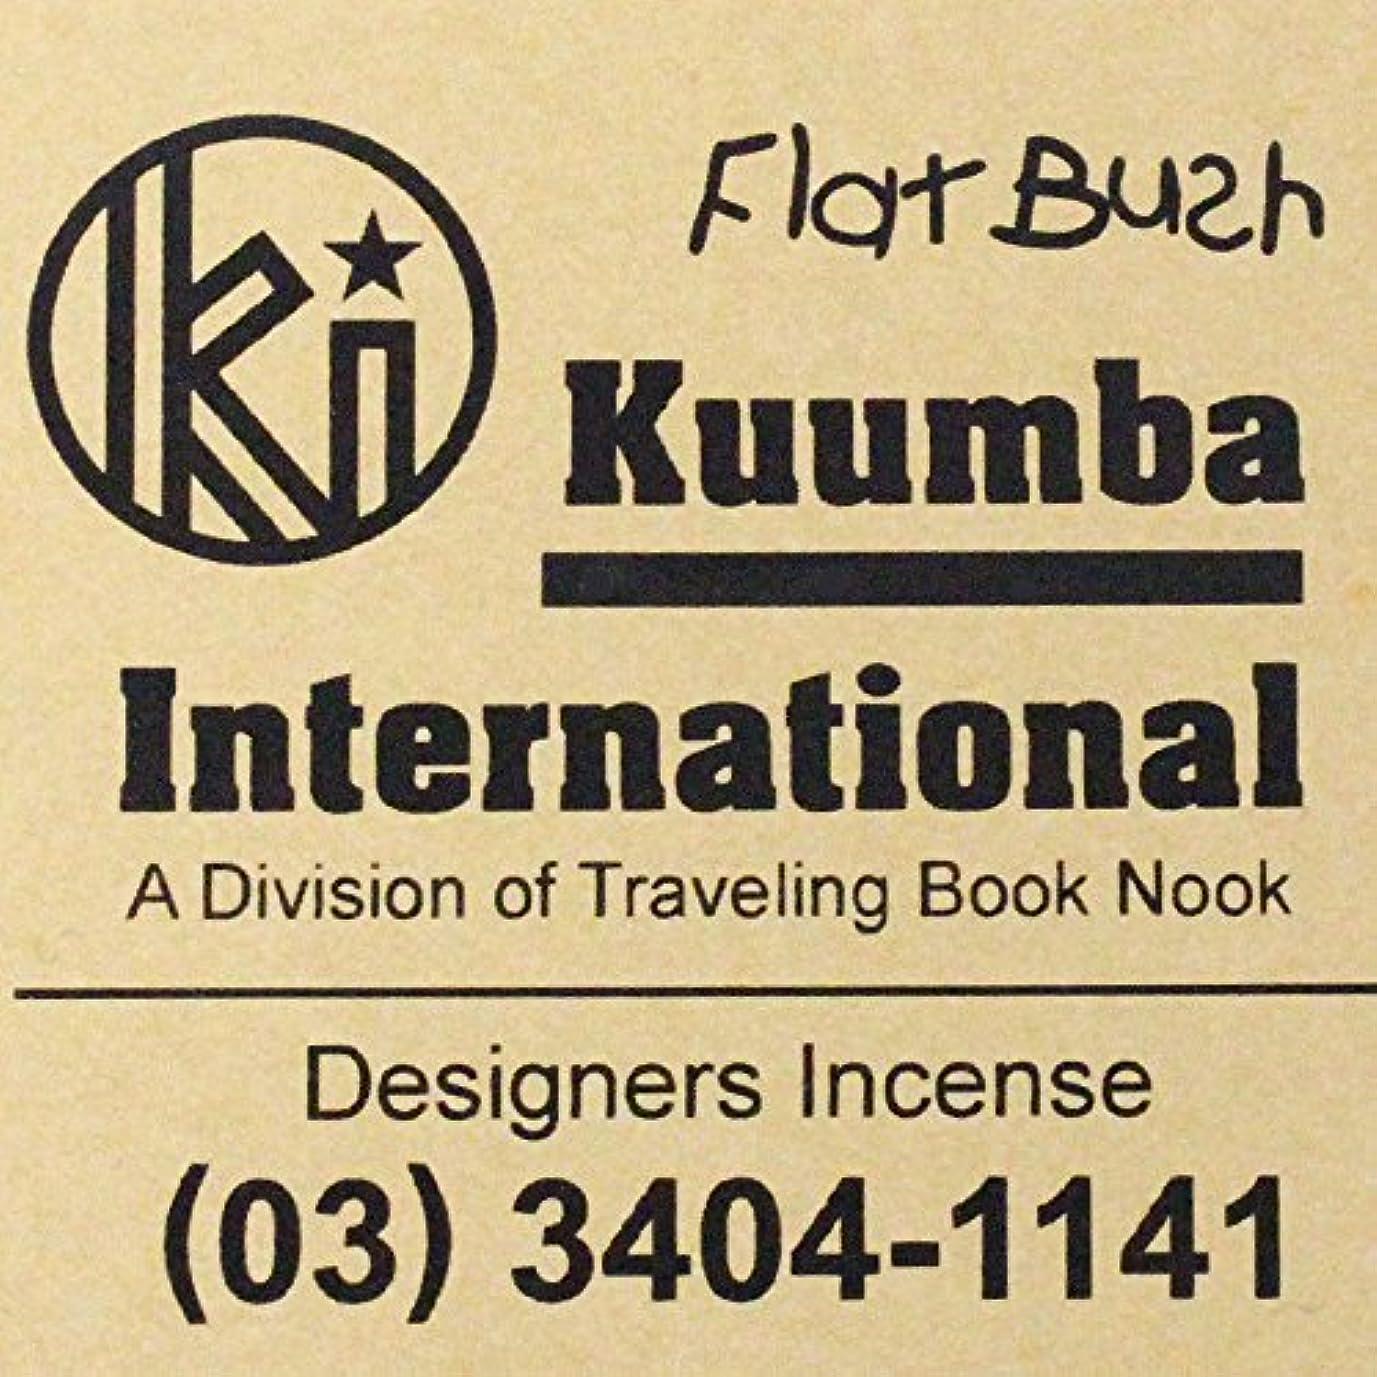 アラートスリーブ着飾る(クンバ) KUUMBA『incense』(Flat Bush) (Regular size)